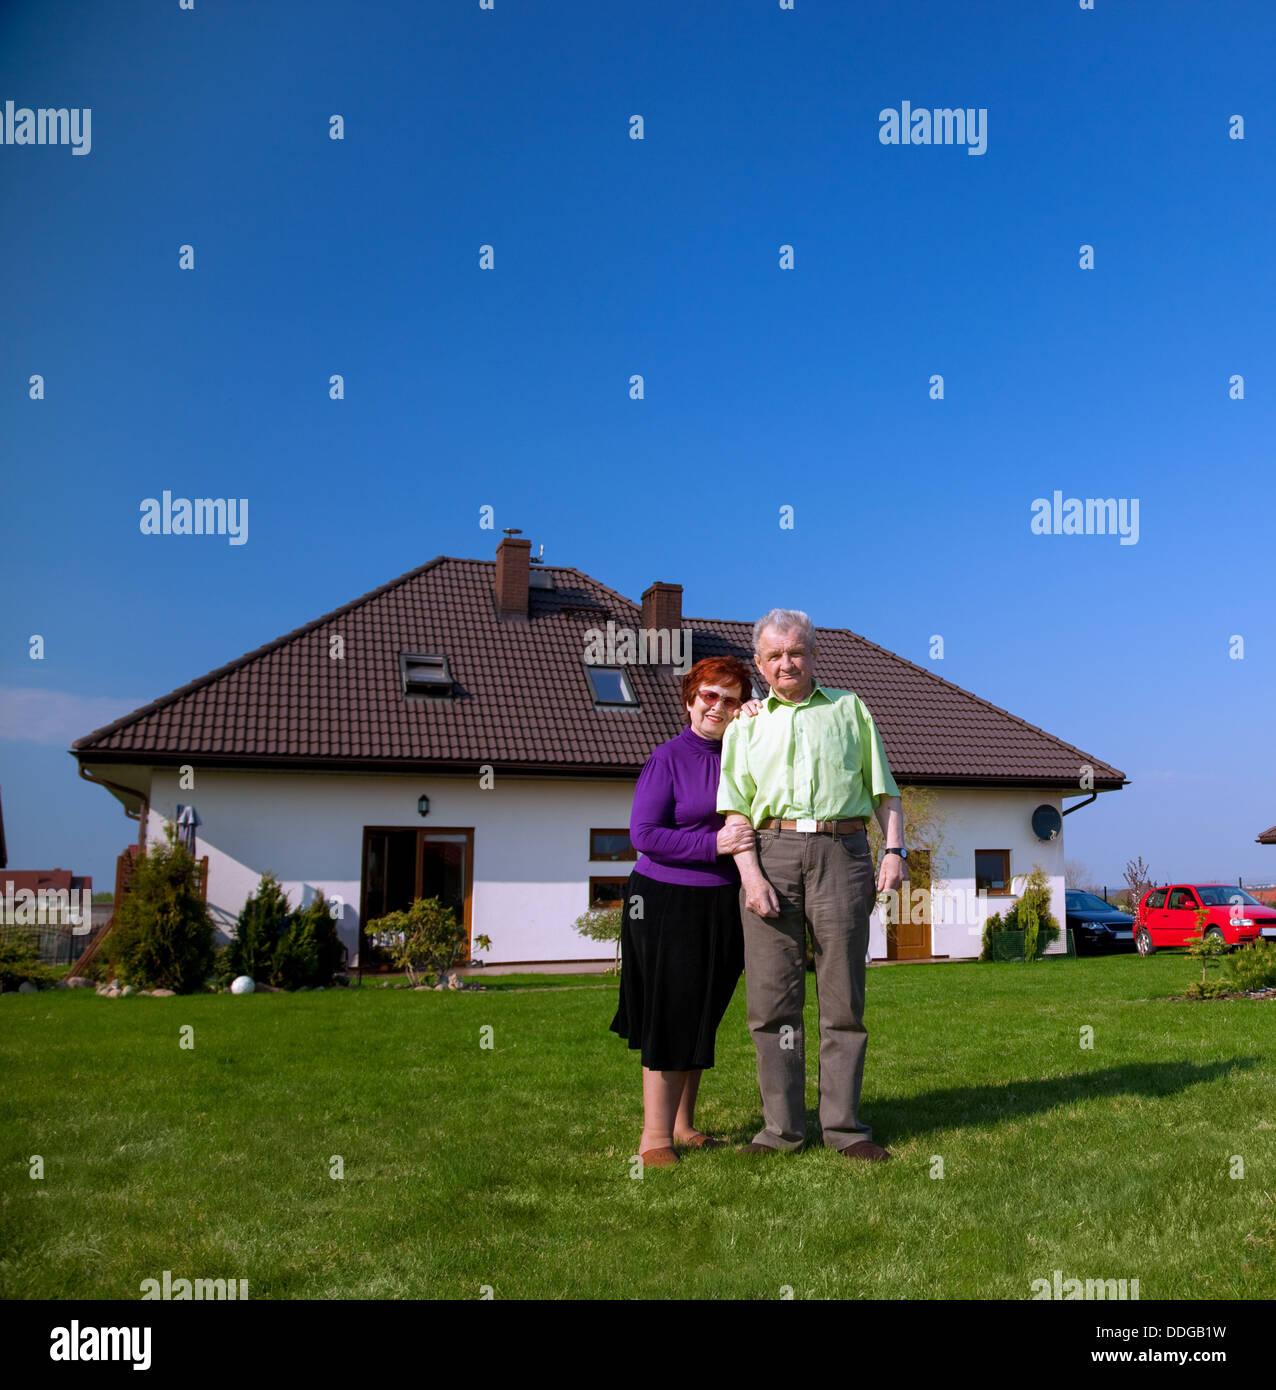 Smiling couple senior dans le jardin devant leur nouvelle maison Photo Stock